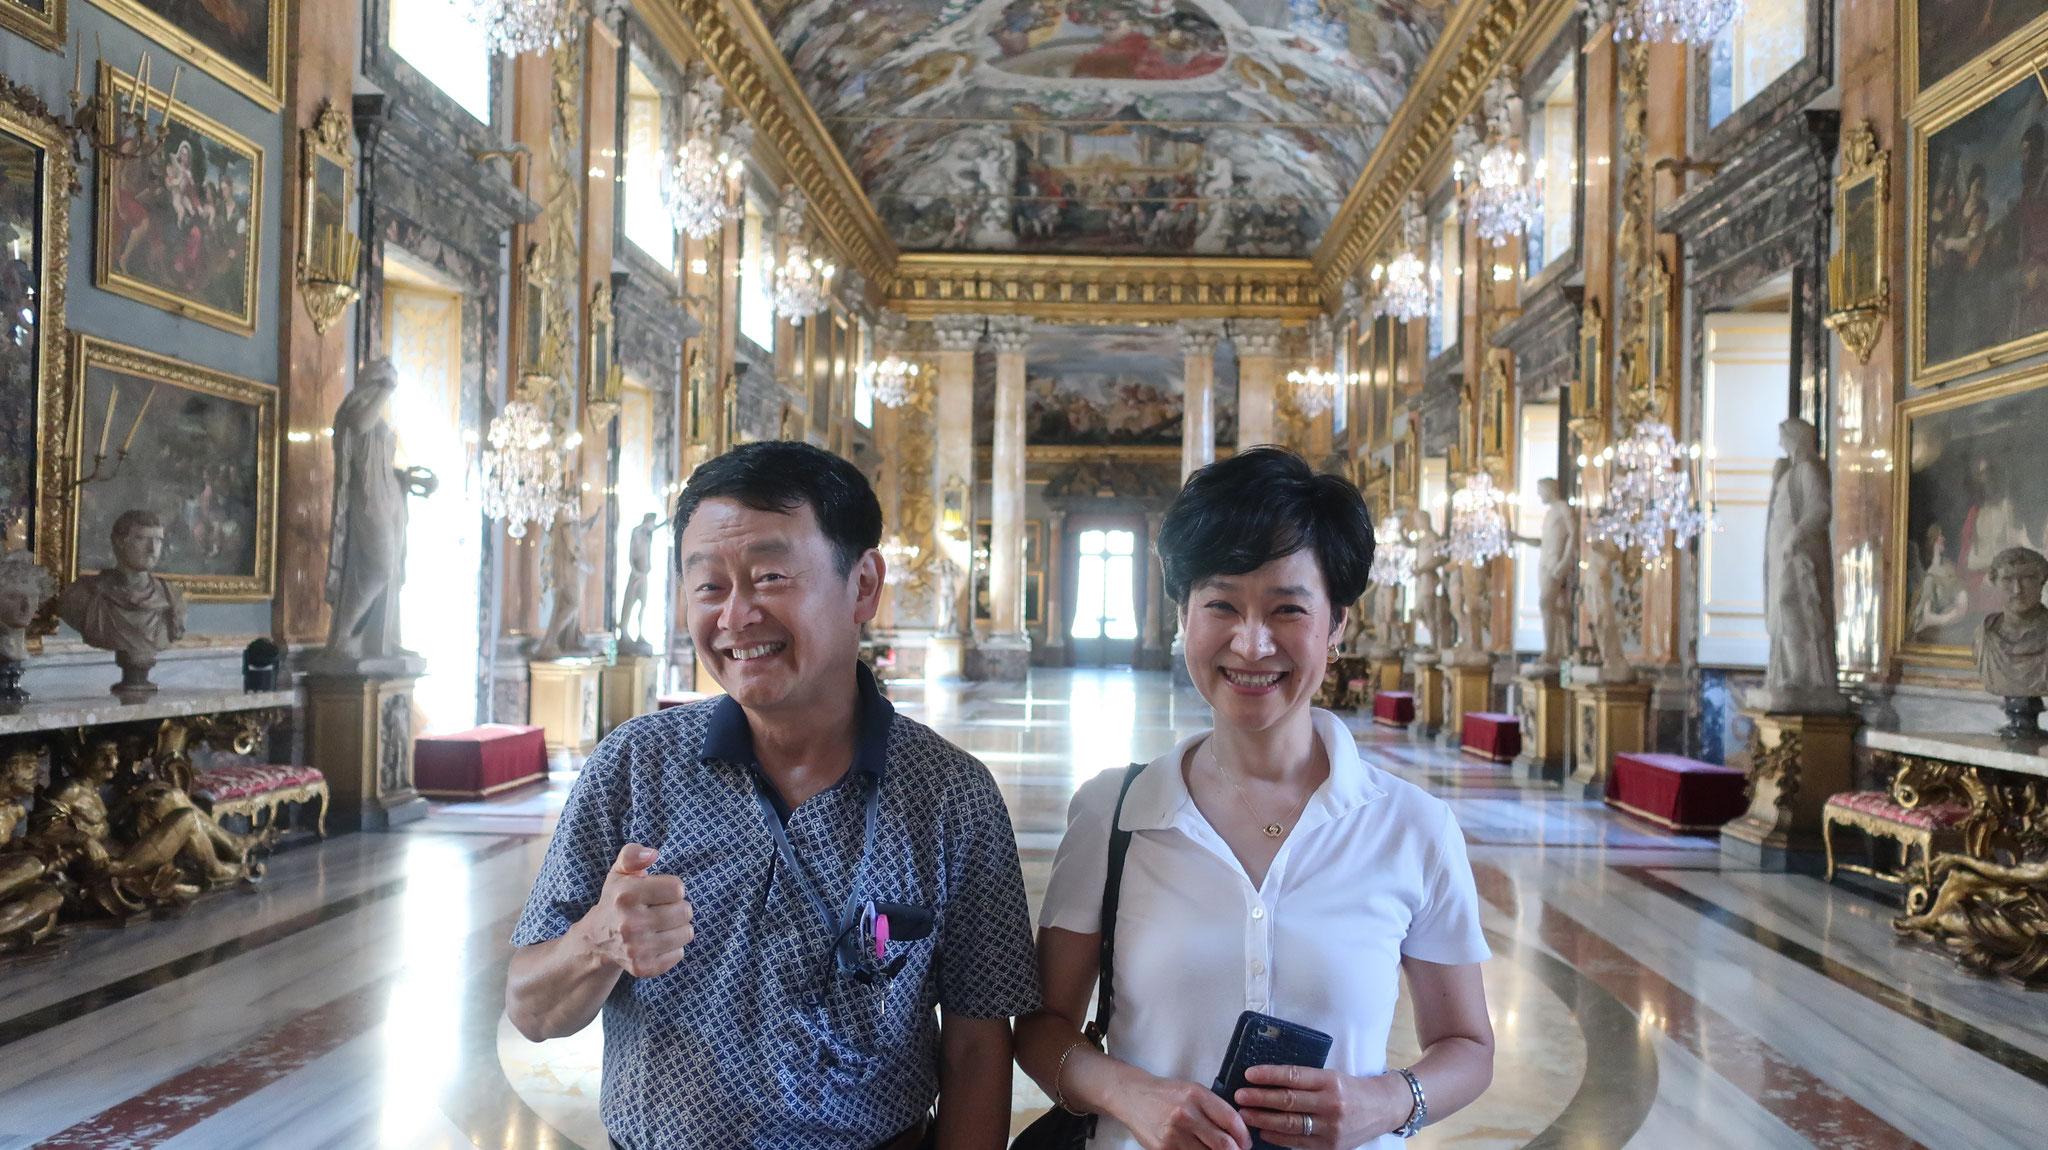 王女の記者会見の最後に、王女が階段を降り、最前列の記者達に挨拶しました。この時、カメラマンがライターのカメラで王女を撮影しました。その真似です。